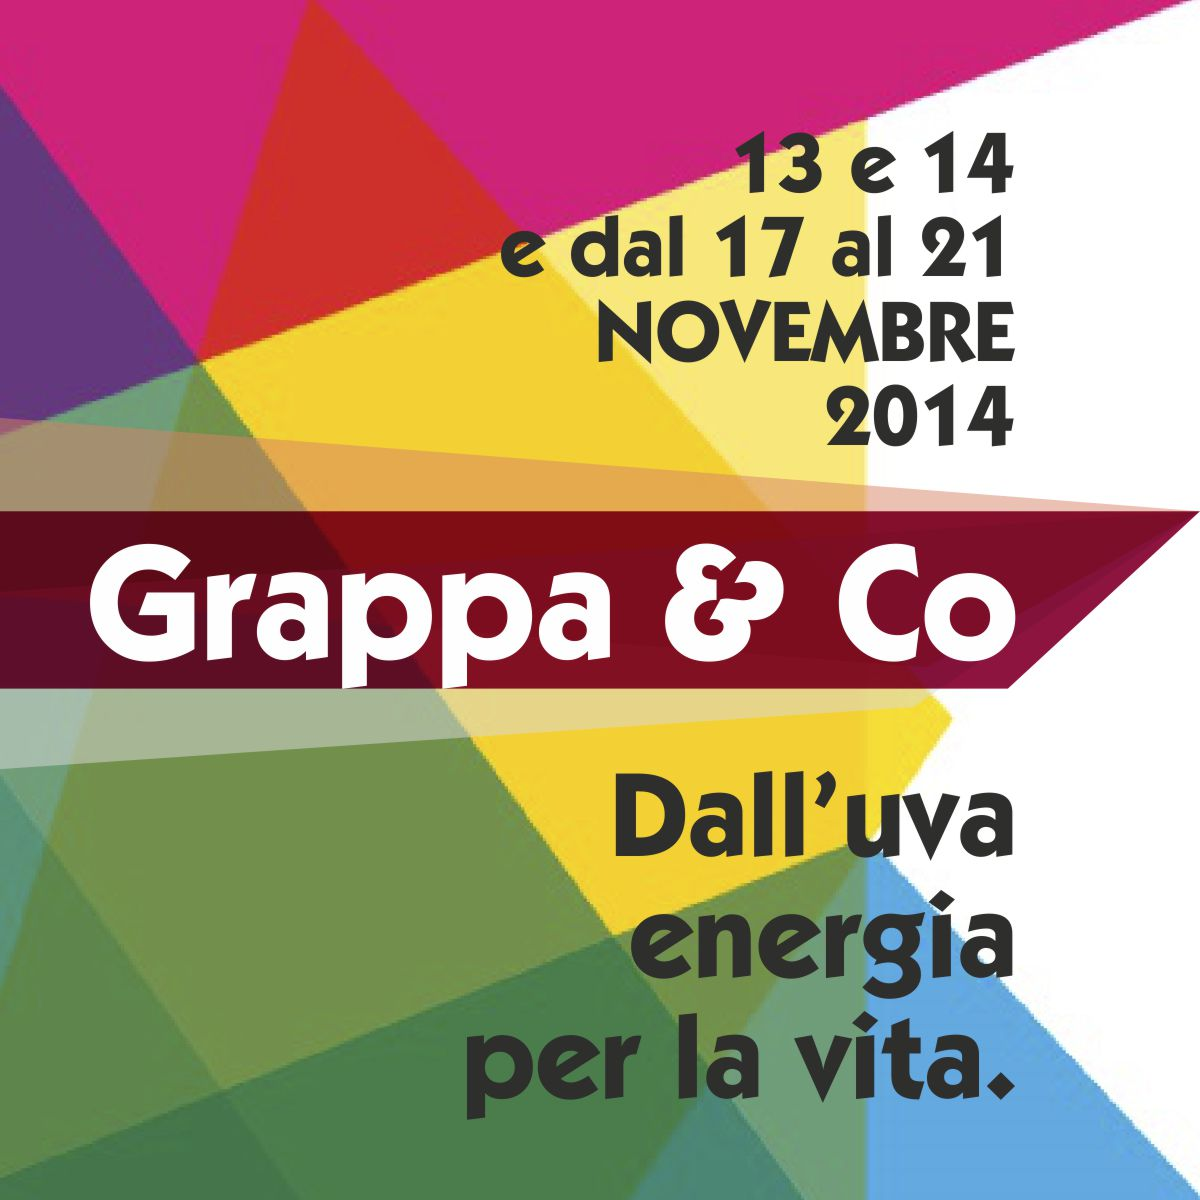 Die Woche der Unternehmenskultur 2014